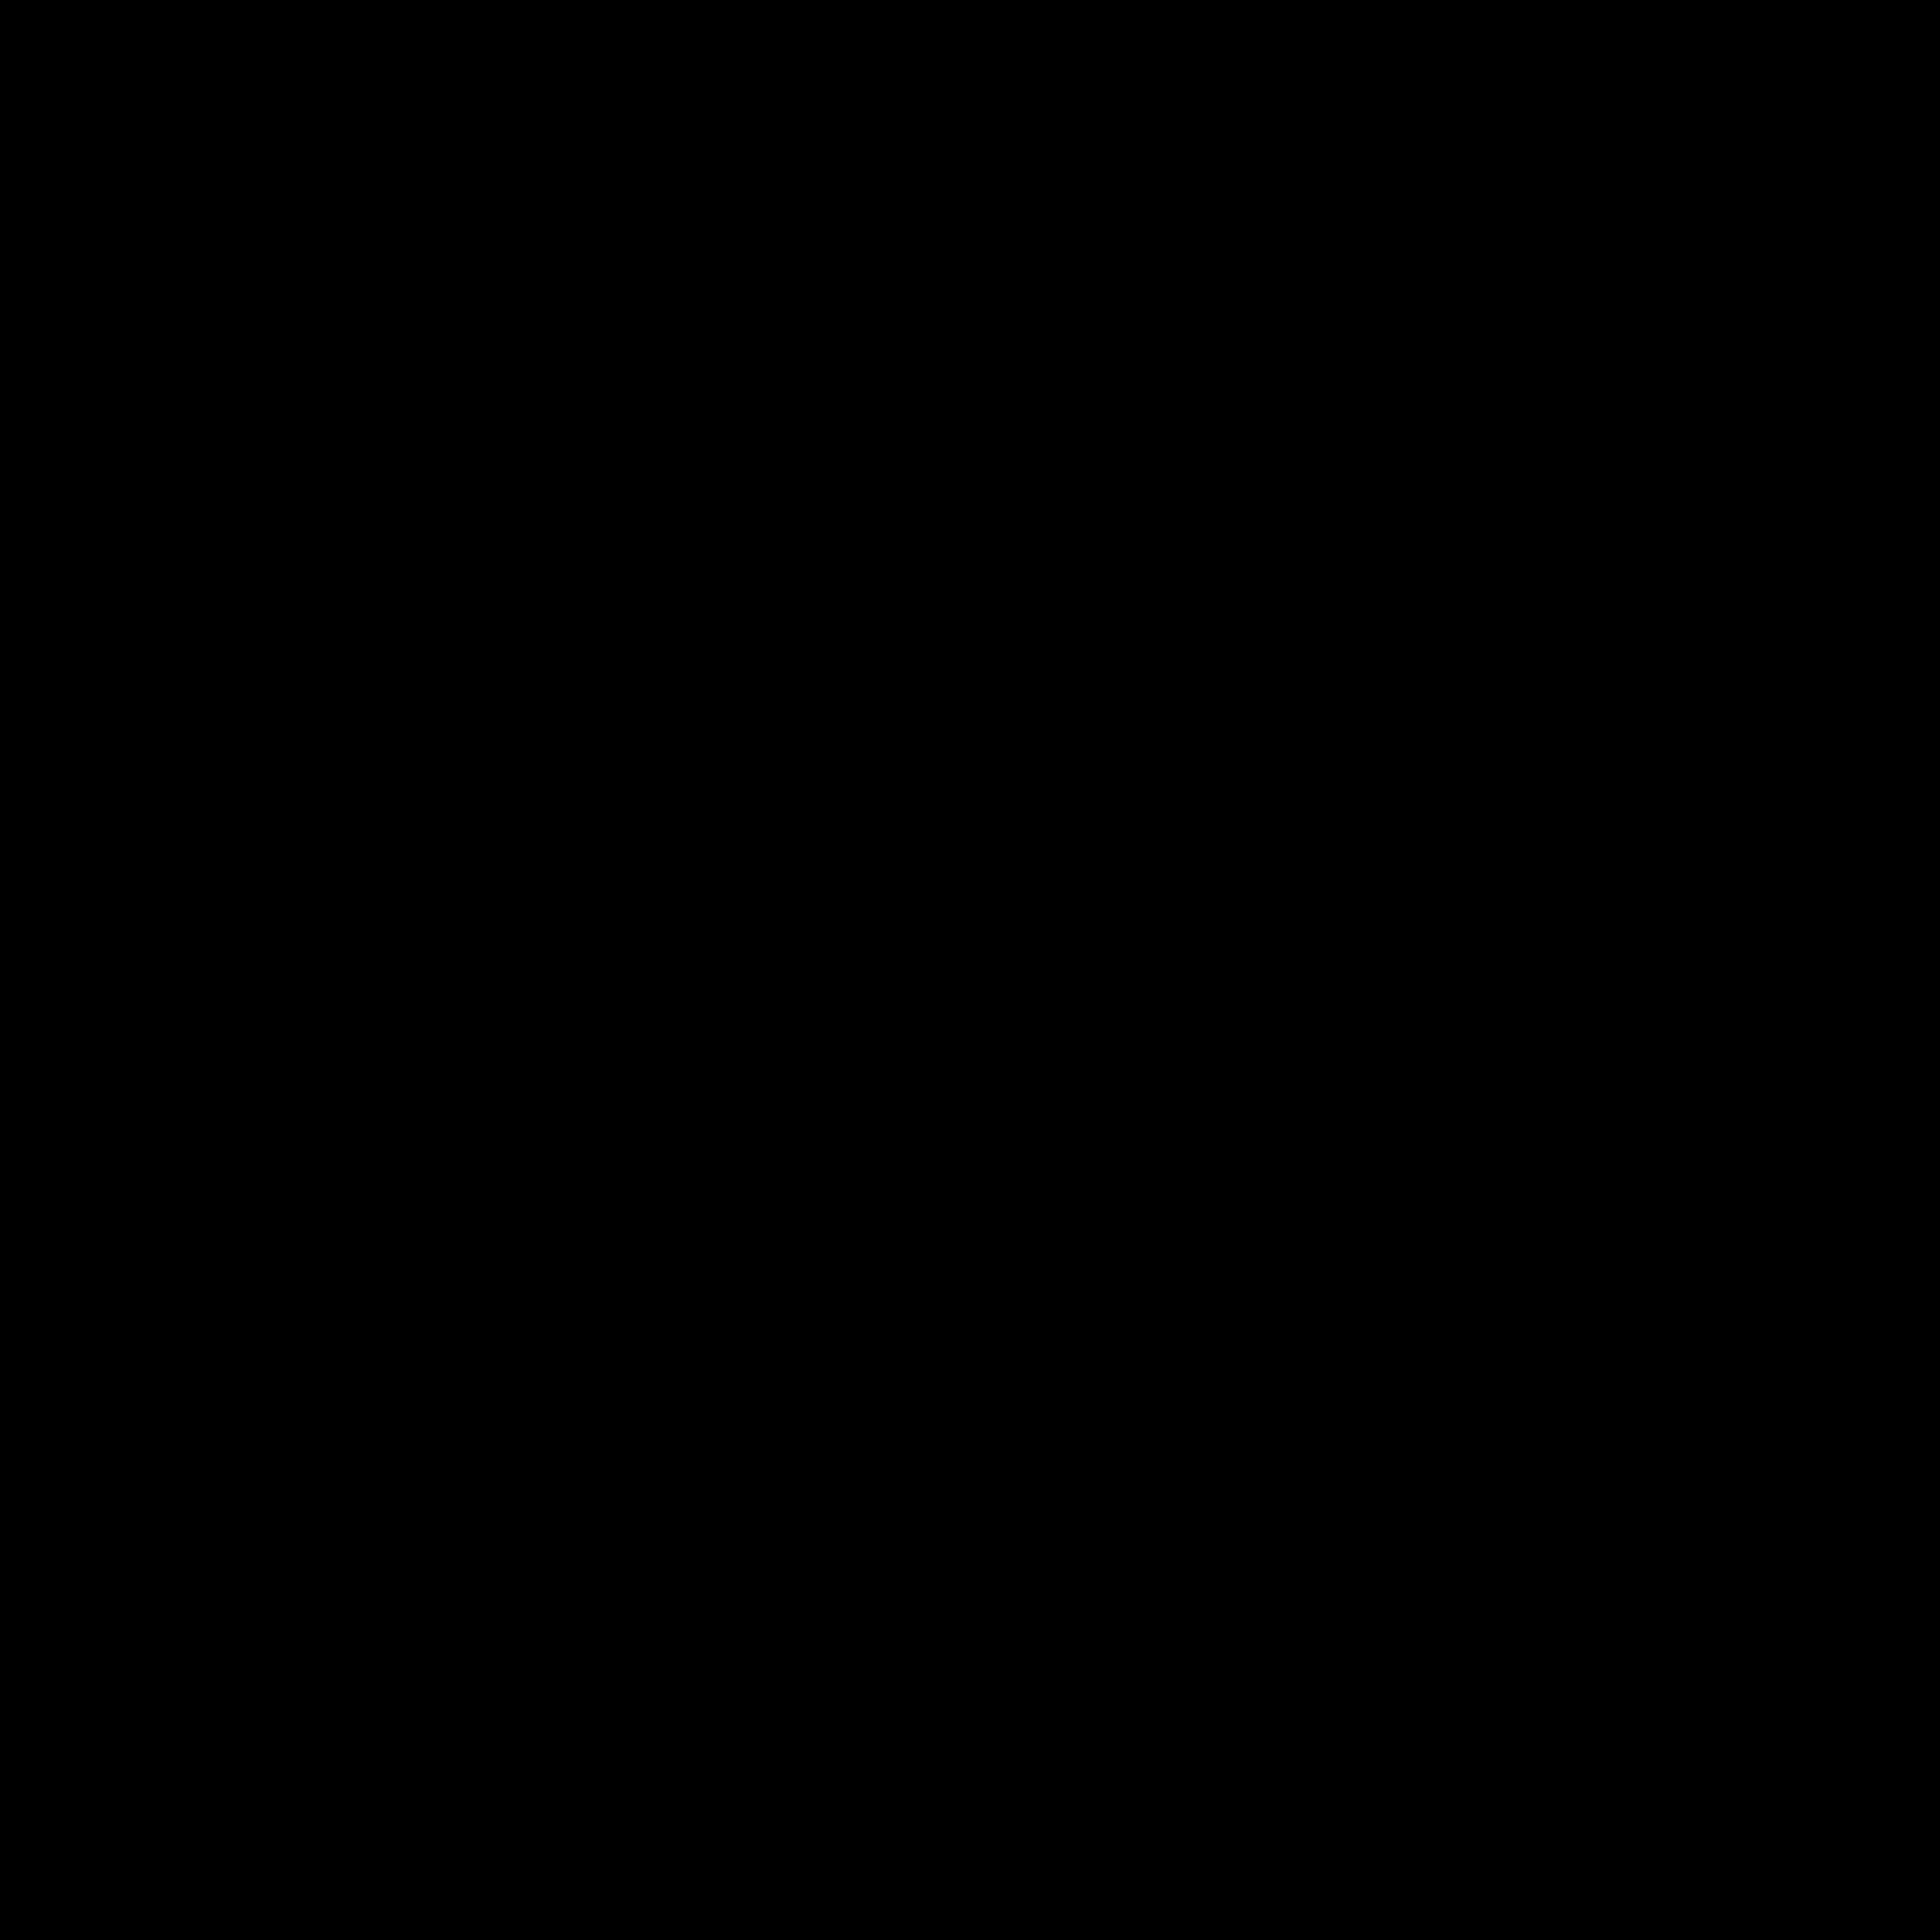 Znalezione obrazy dla zapytania lamy logo